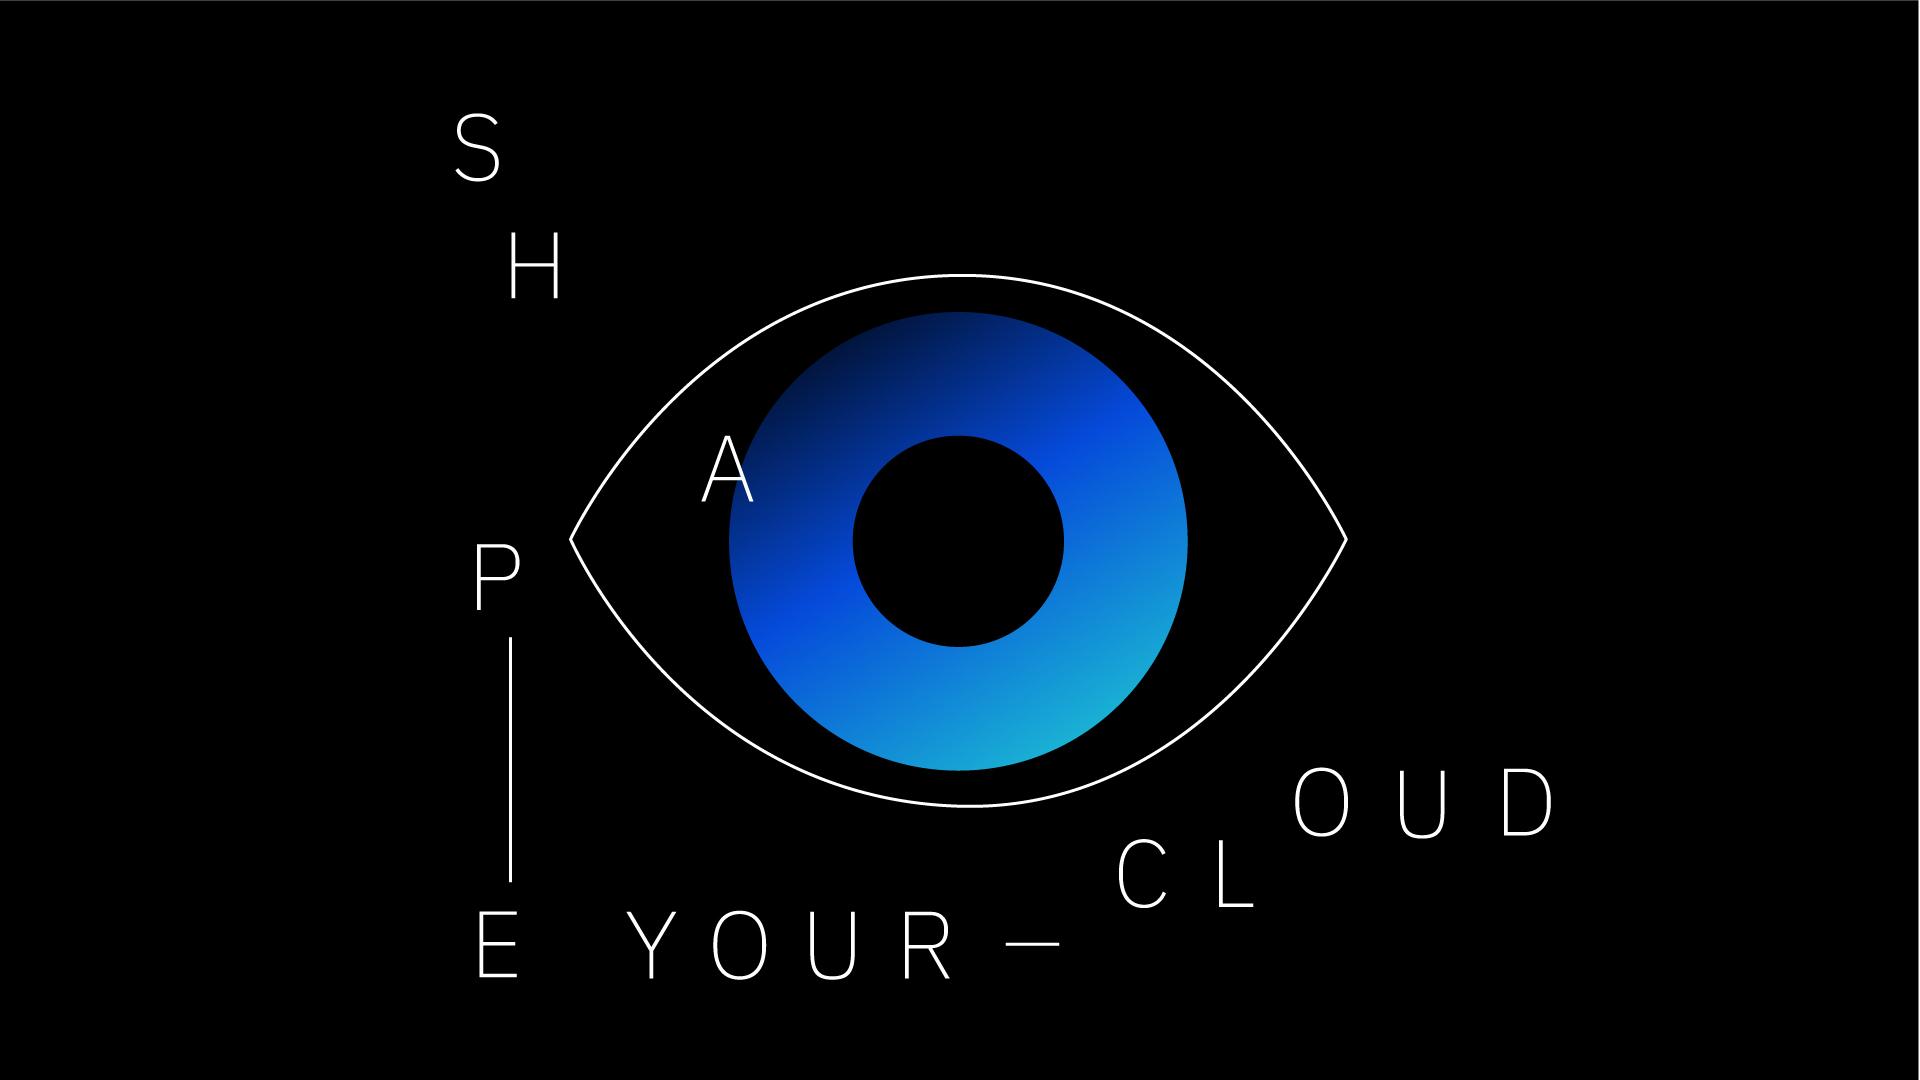 IBM_SHAPE-YOUR-CLOUD_DC_EDITS_BH_IBM-27.jpg